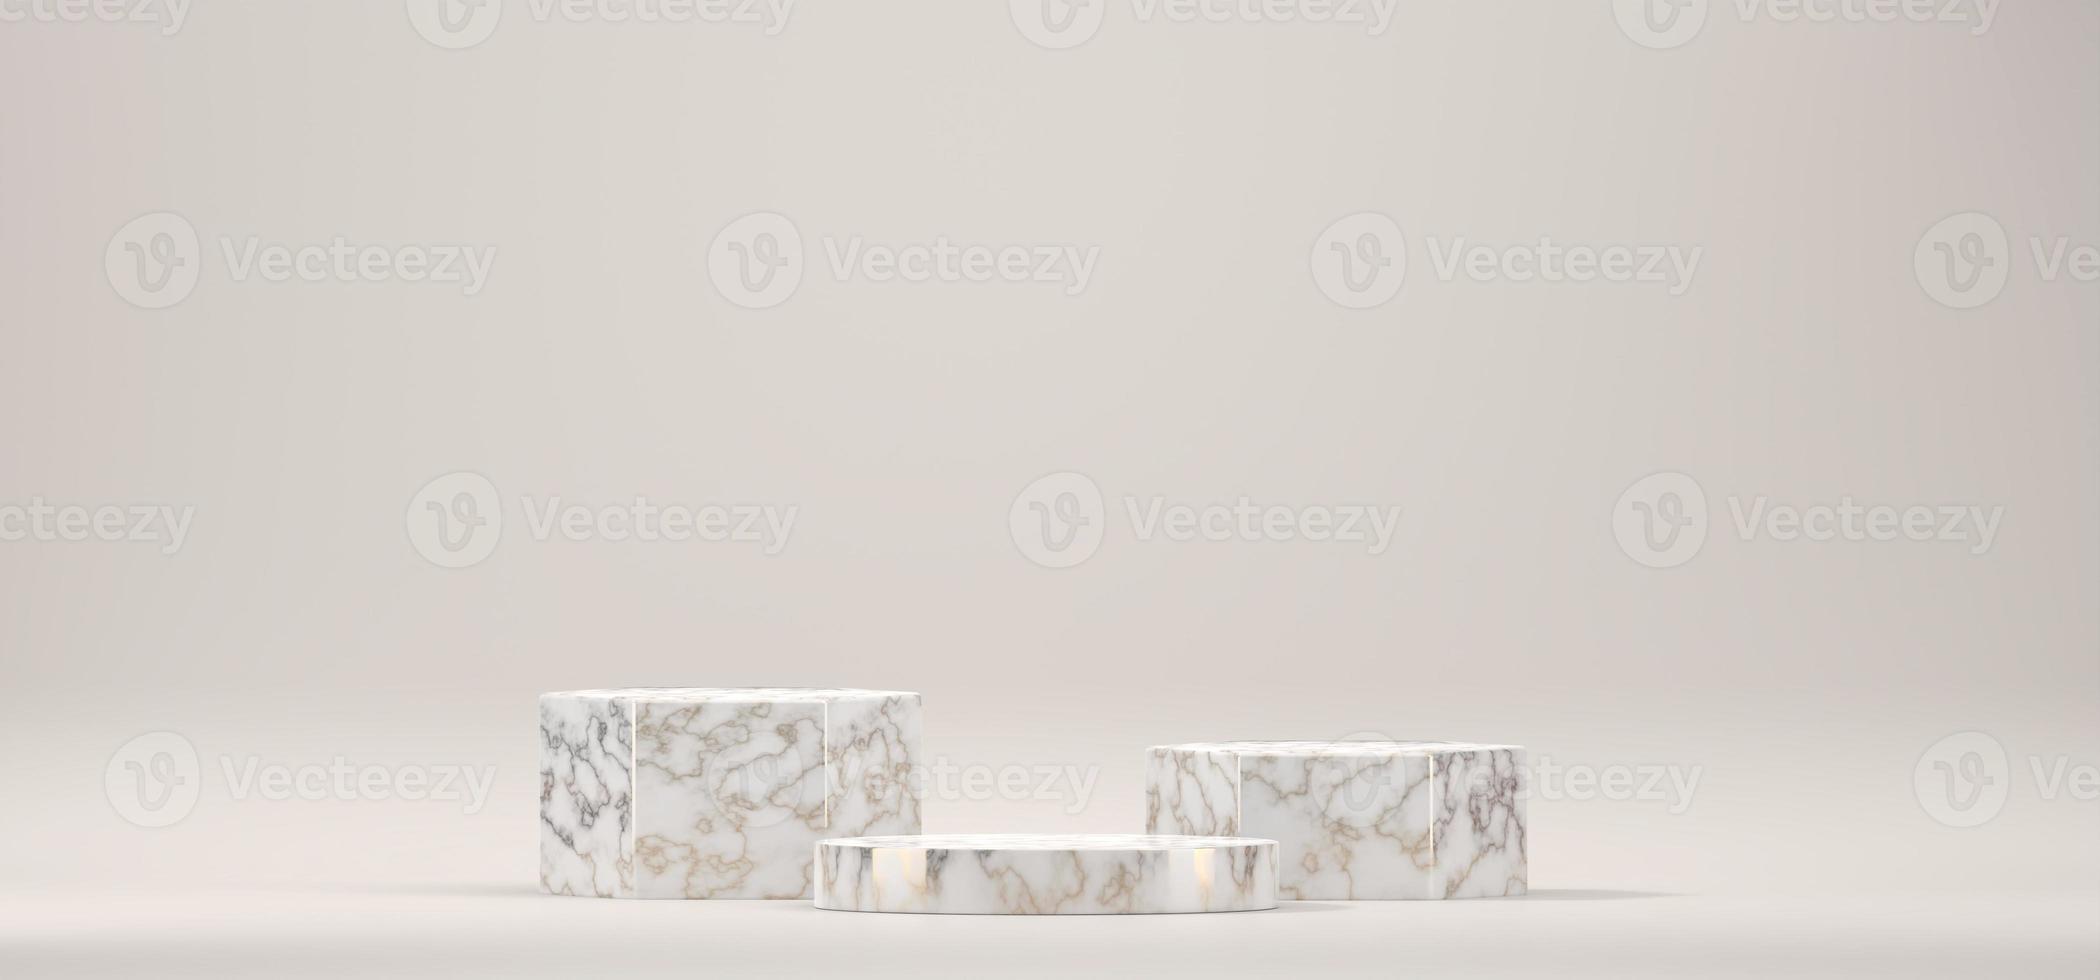 marmeren podium podiumplatform voor product, 3d render foto